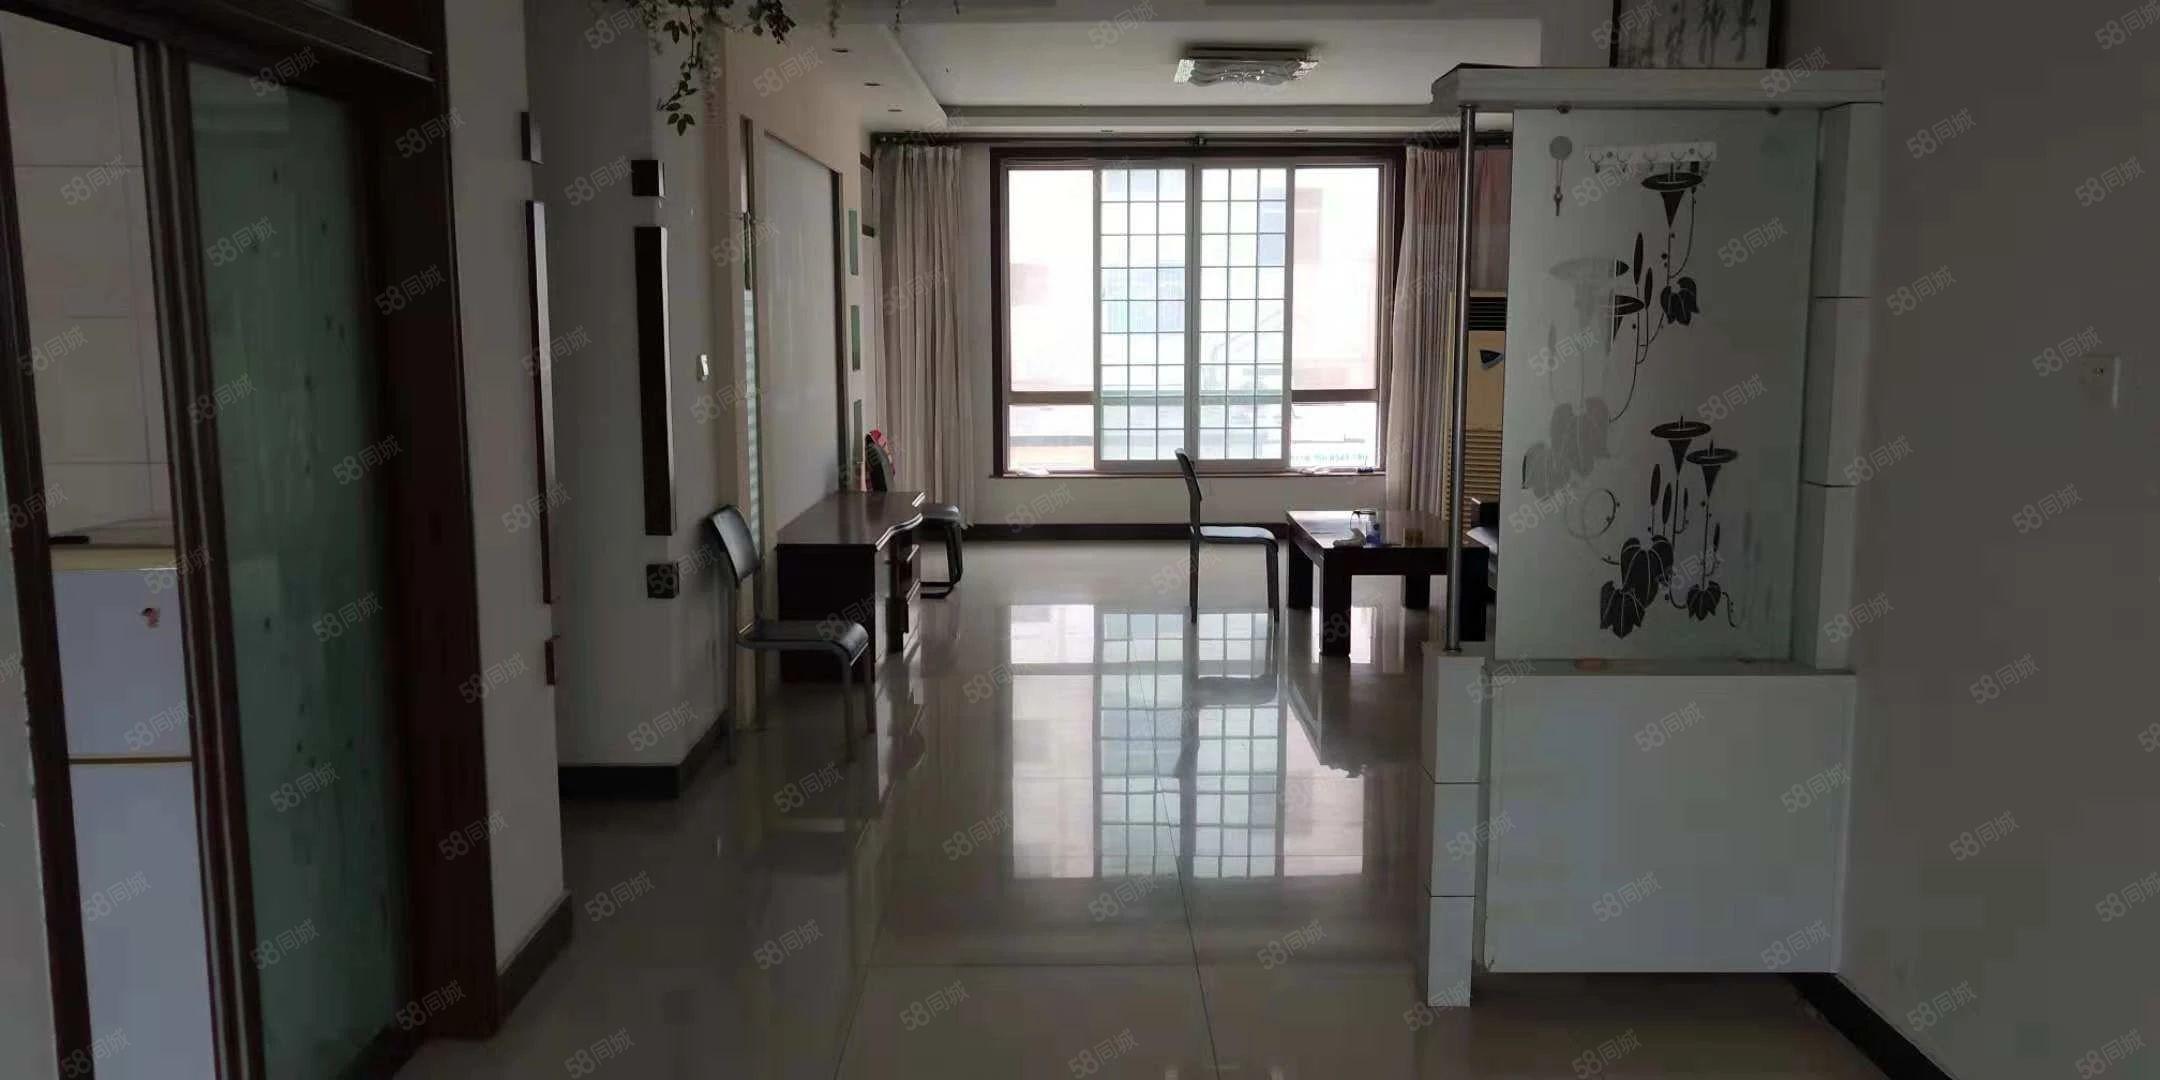 黄三渤四,110平,一楼,3室2厅1卫,1100/月领包入住